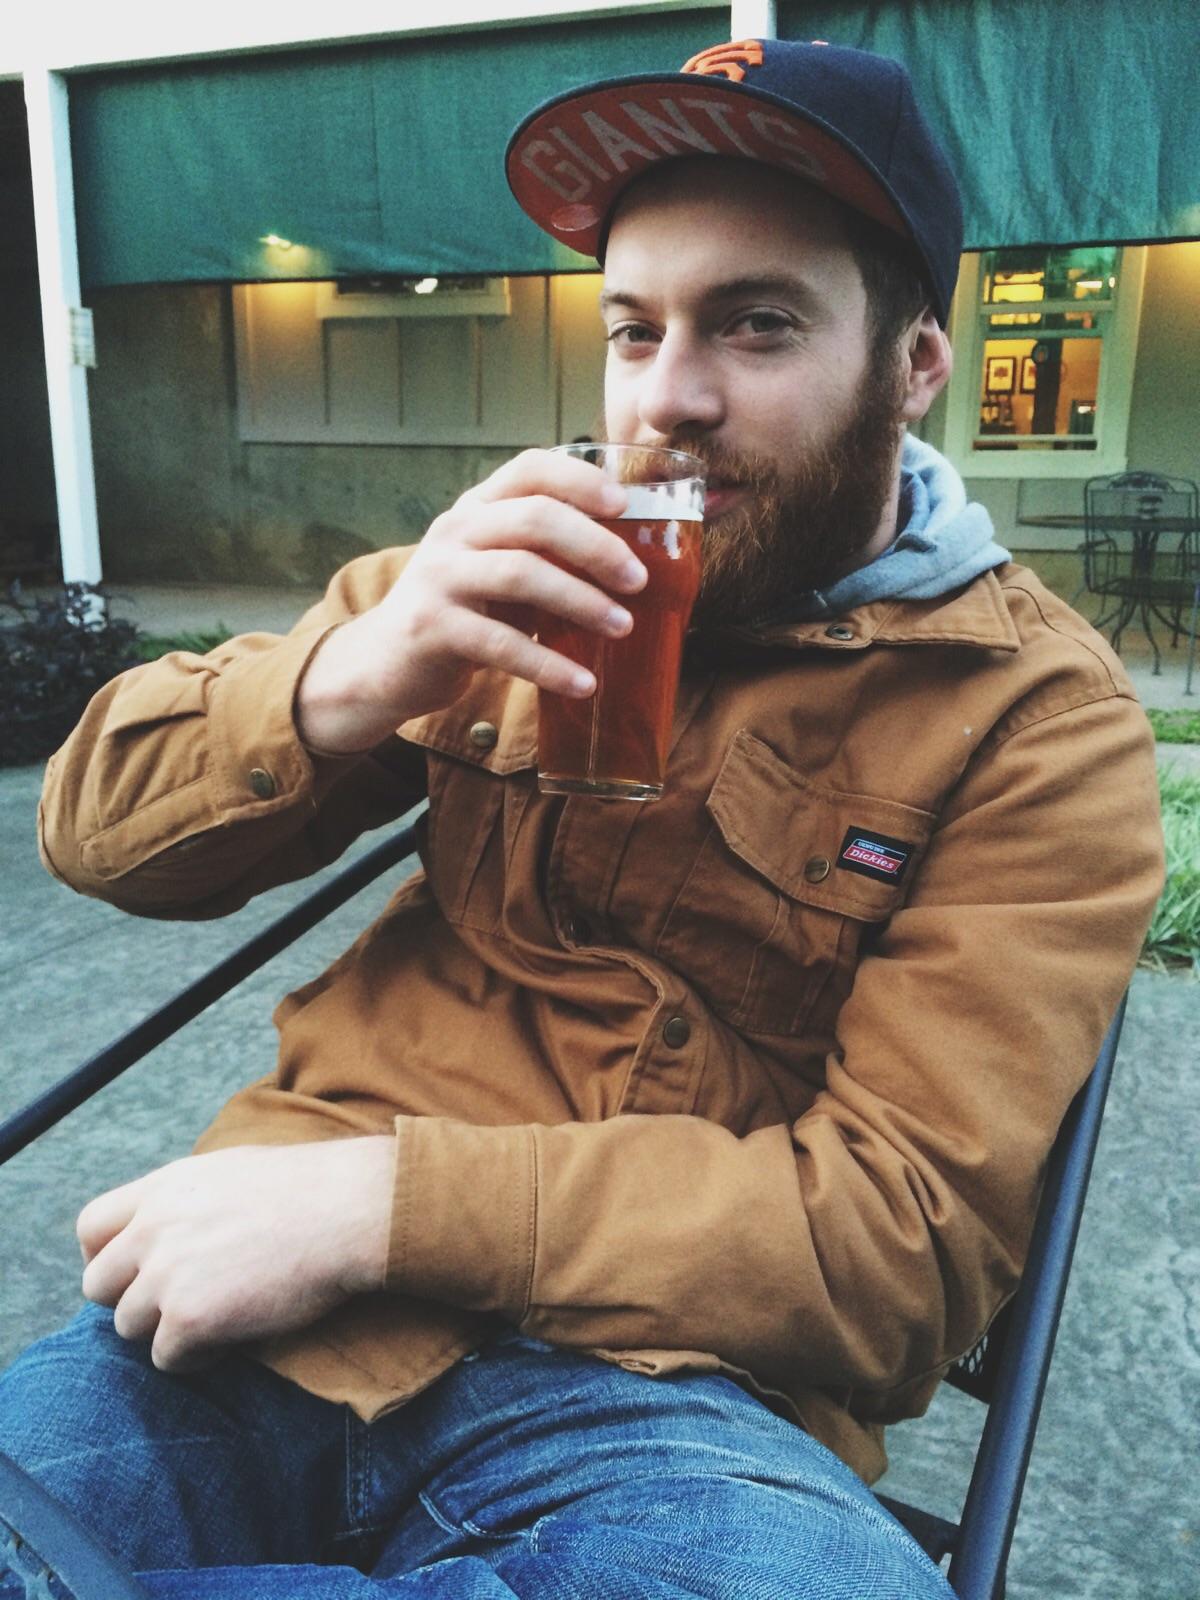 Captured this man enjoyin' a Walking Man brew ❤️